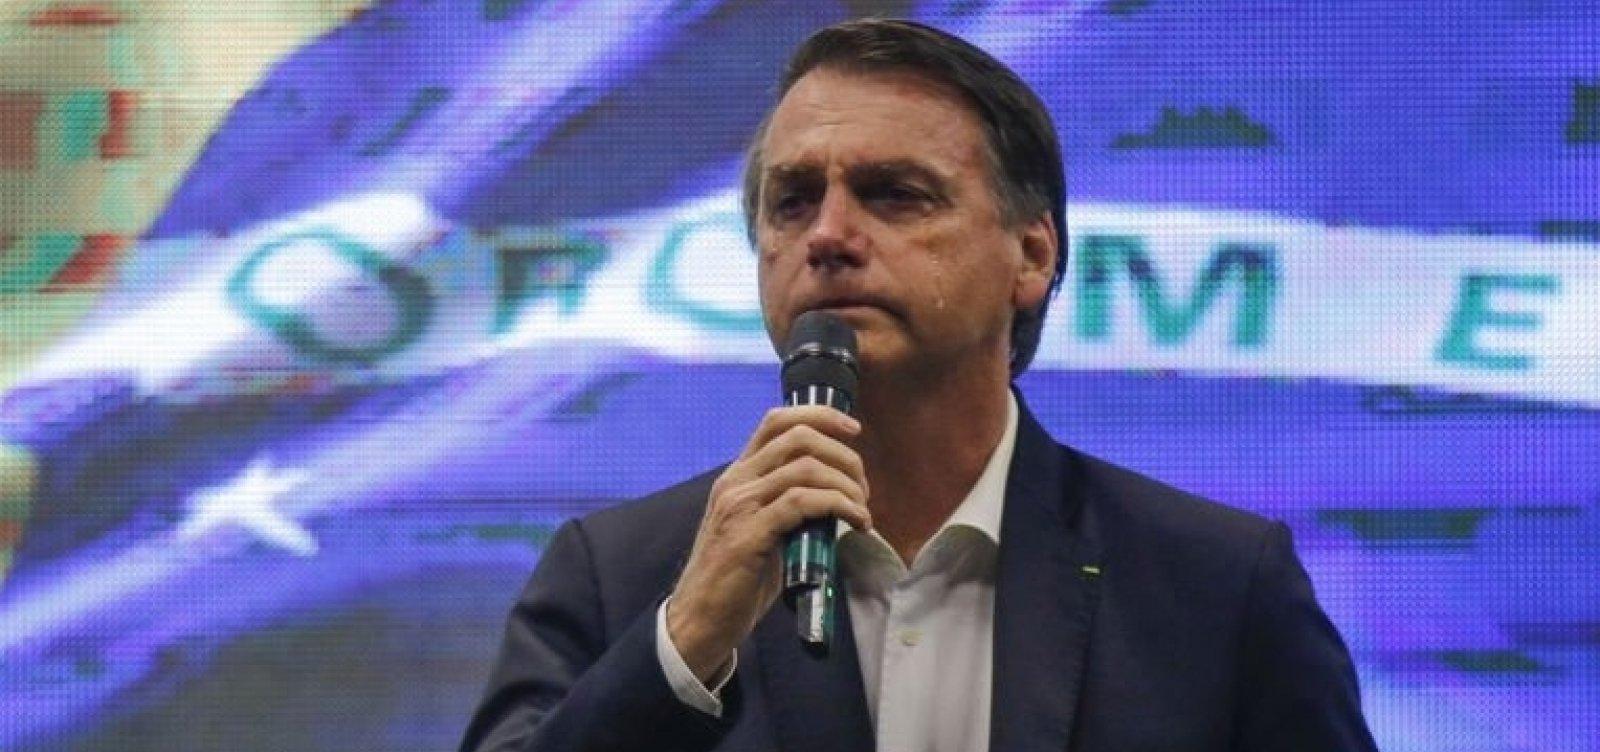 ['Que Deus receba essas vidas de braços abertos', diz Bolsonaro sobre morte de Gabriel Diniz e tripulantes]